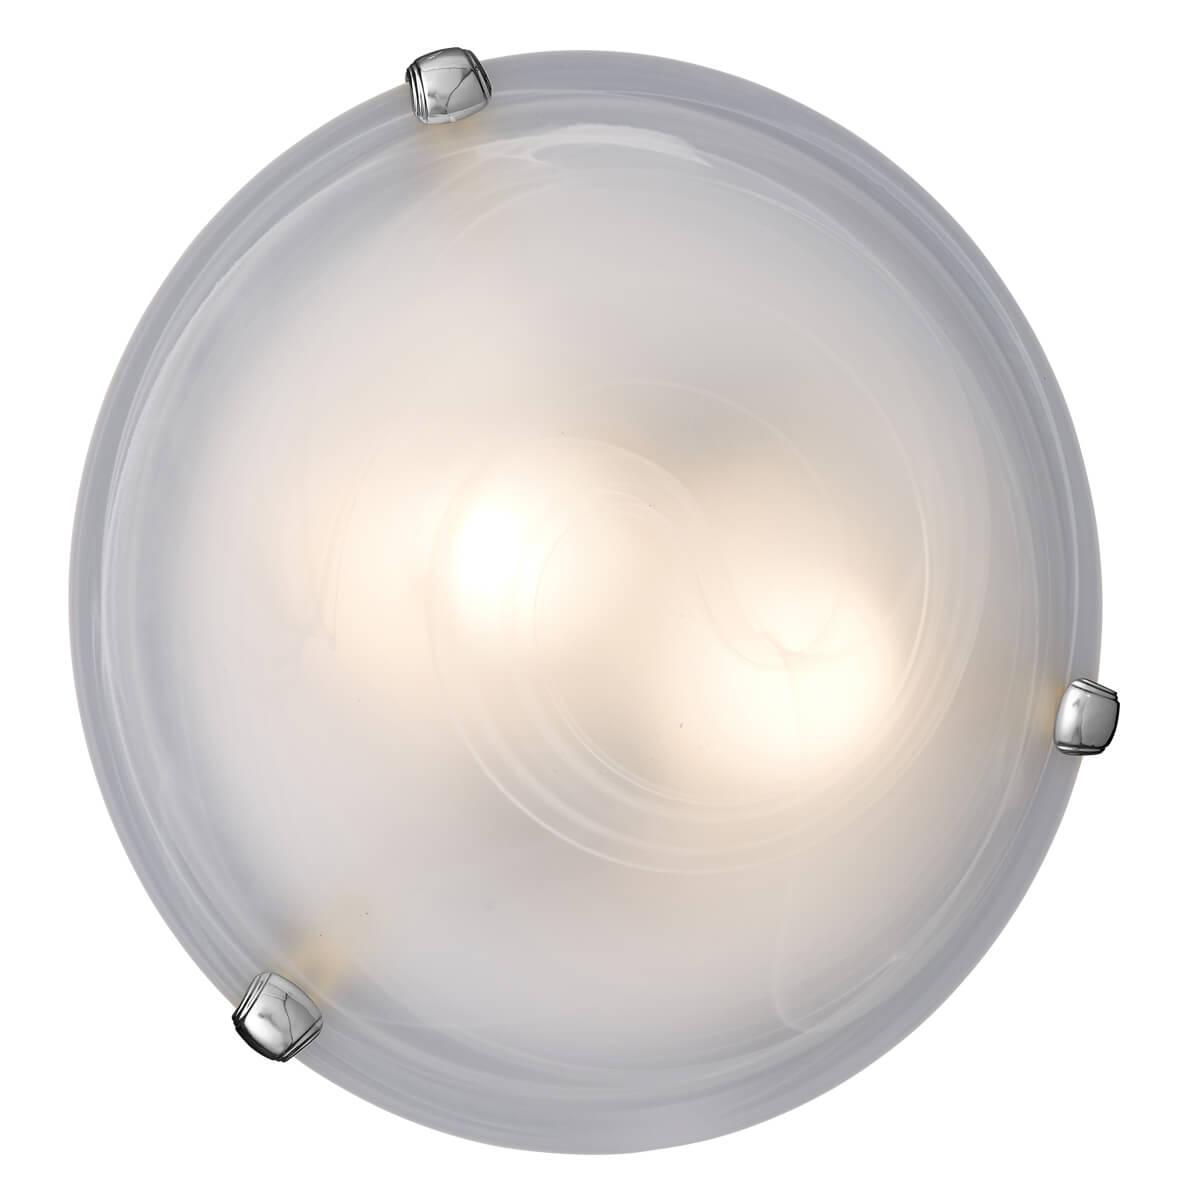 Потолочный светильник Sonex Duna 153/K хром потолочный светильник sonex duna 353 хром